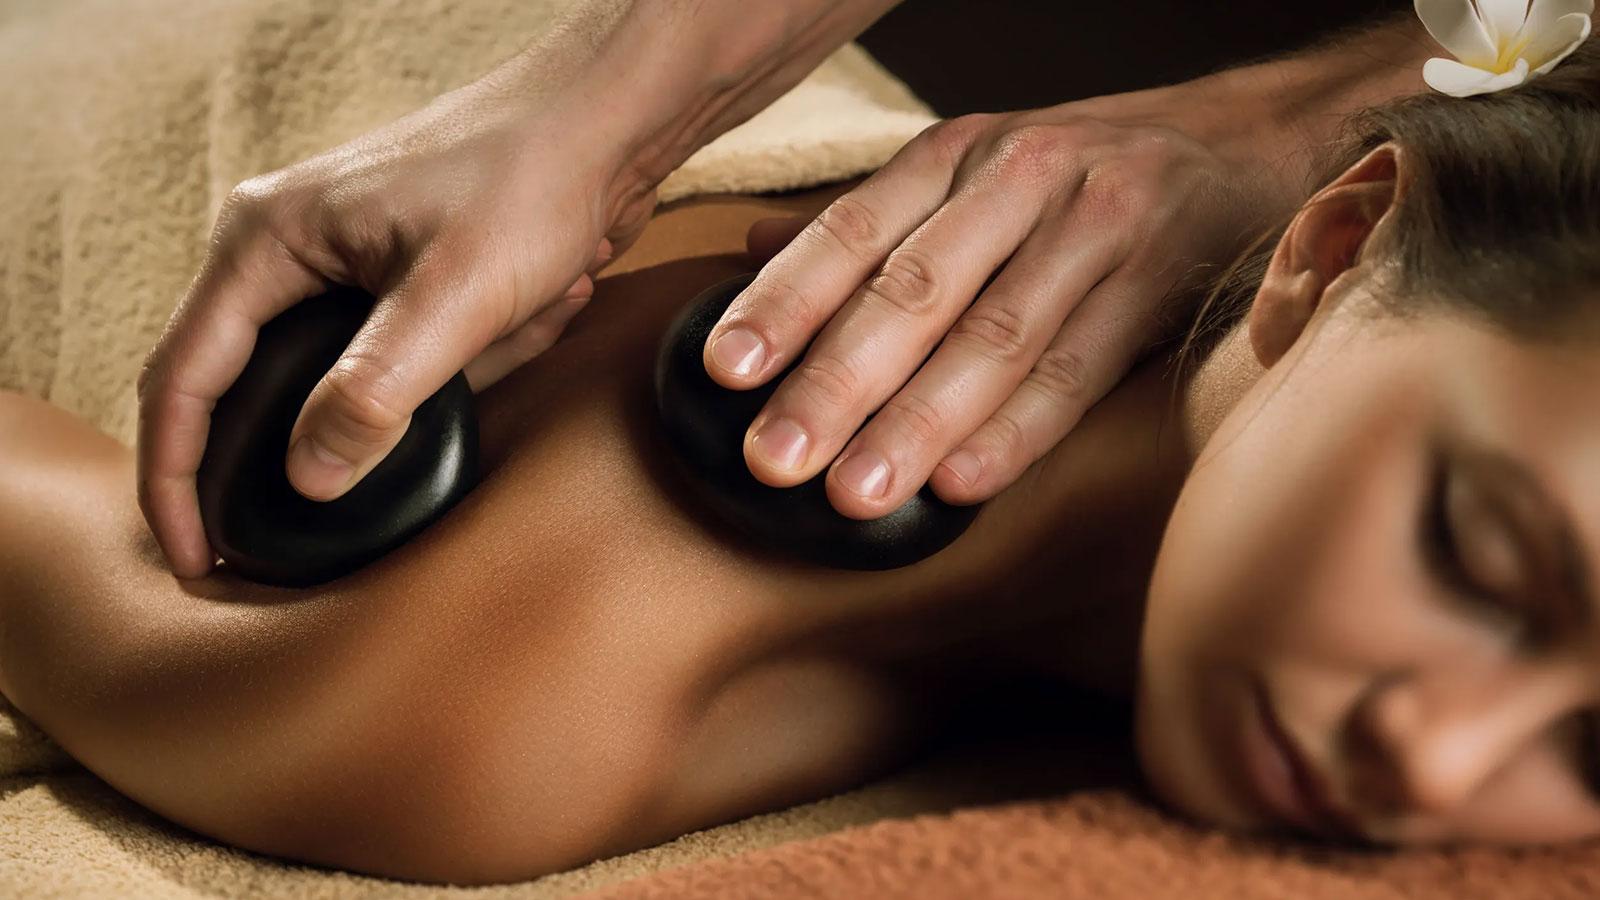 Стоун терапия — массаж горячими камнями